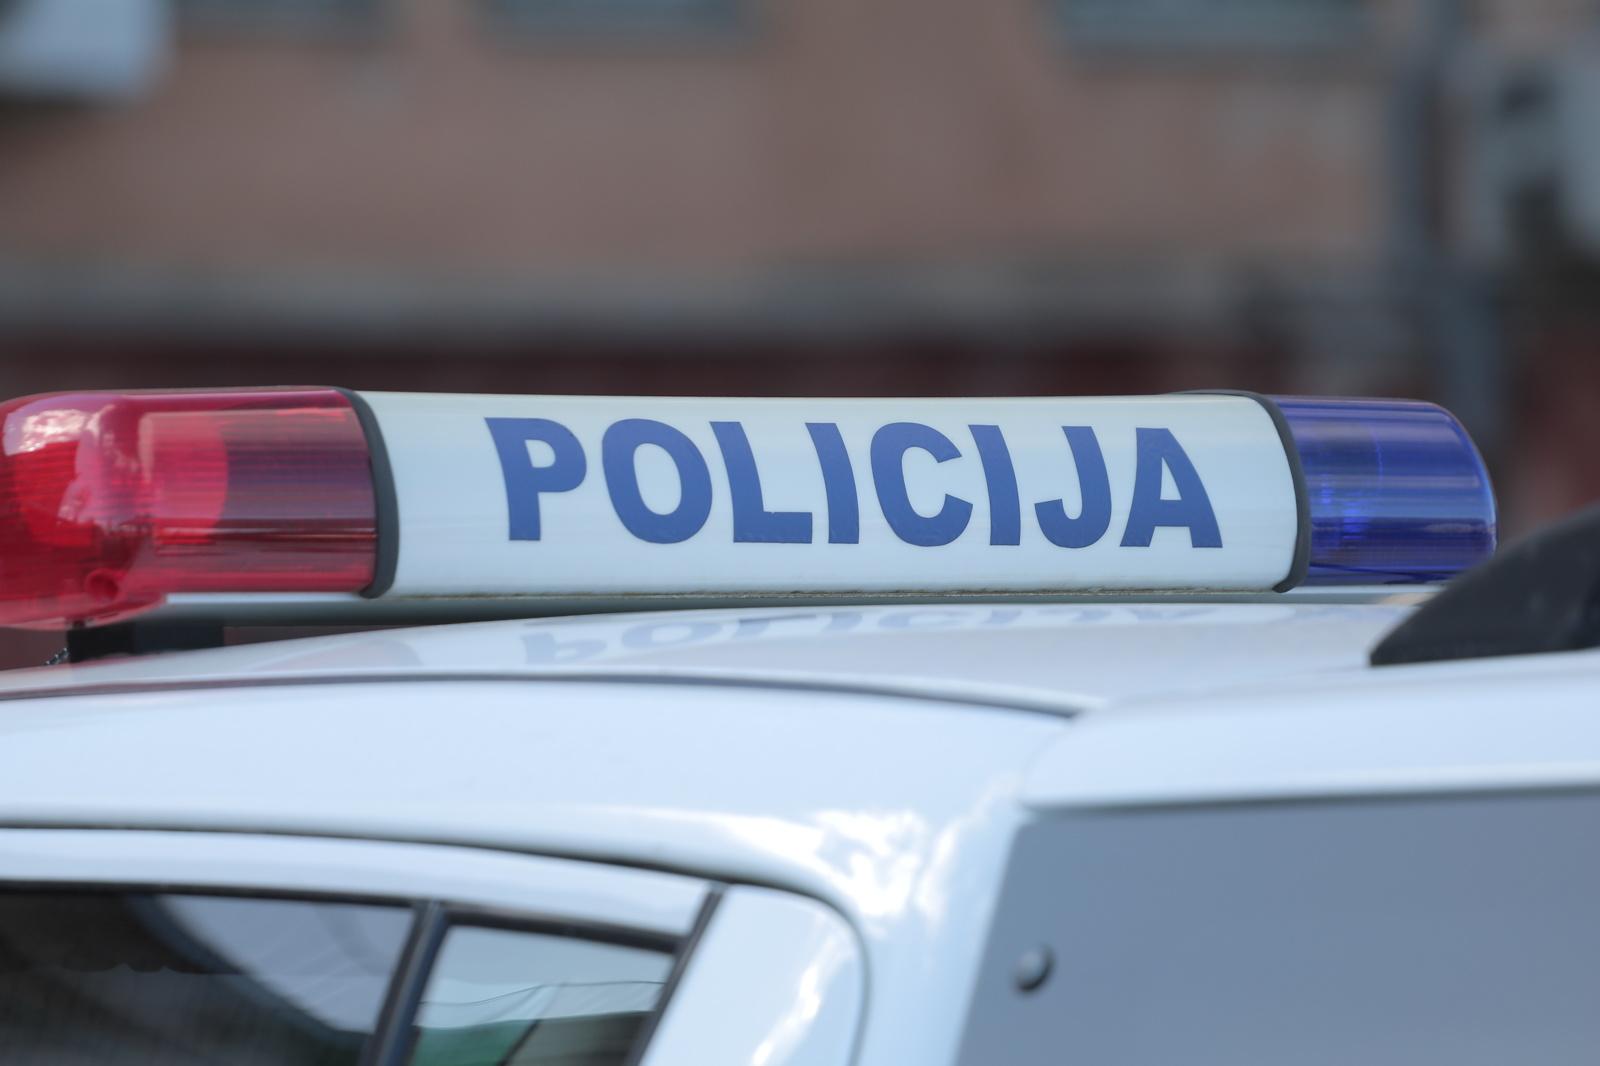 Iš eismo įvykio vietos pasišalinusį neblaivų vairuotoją susekė patruliai